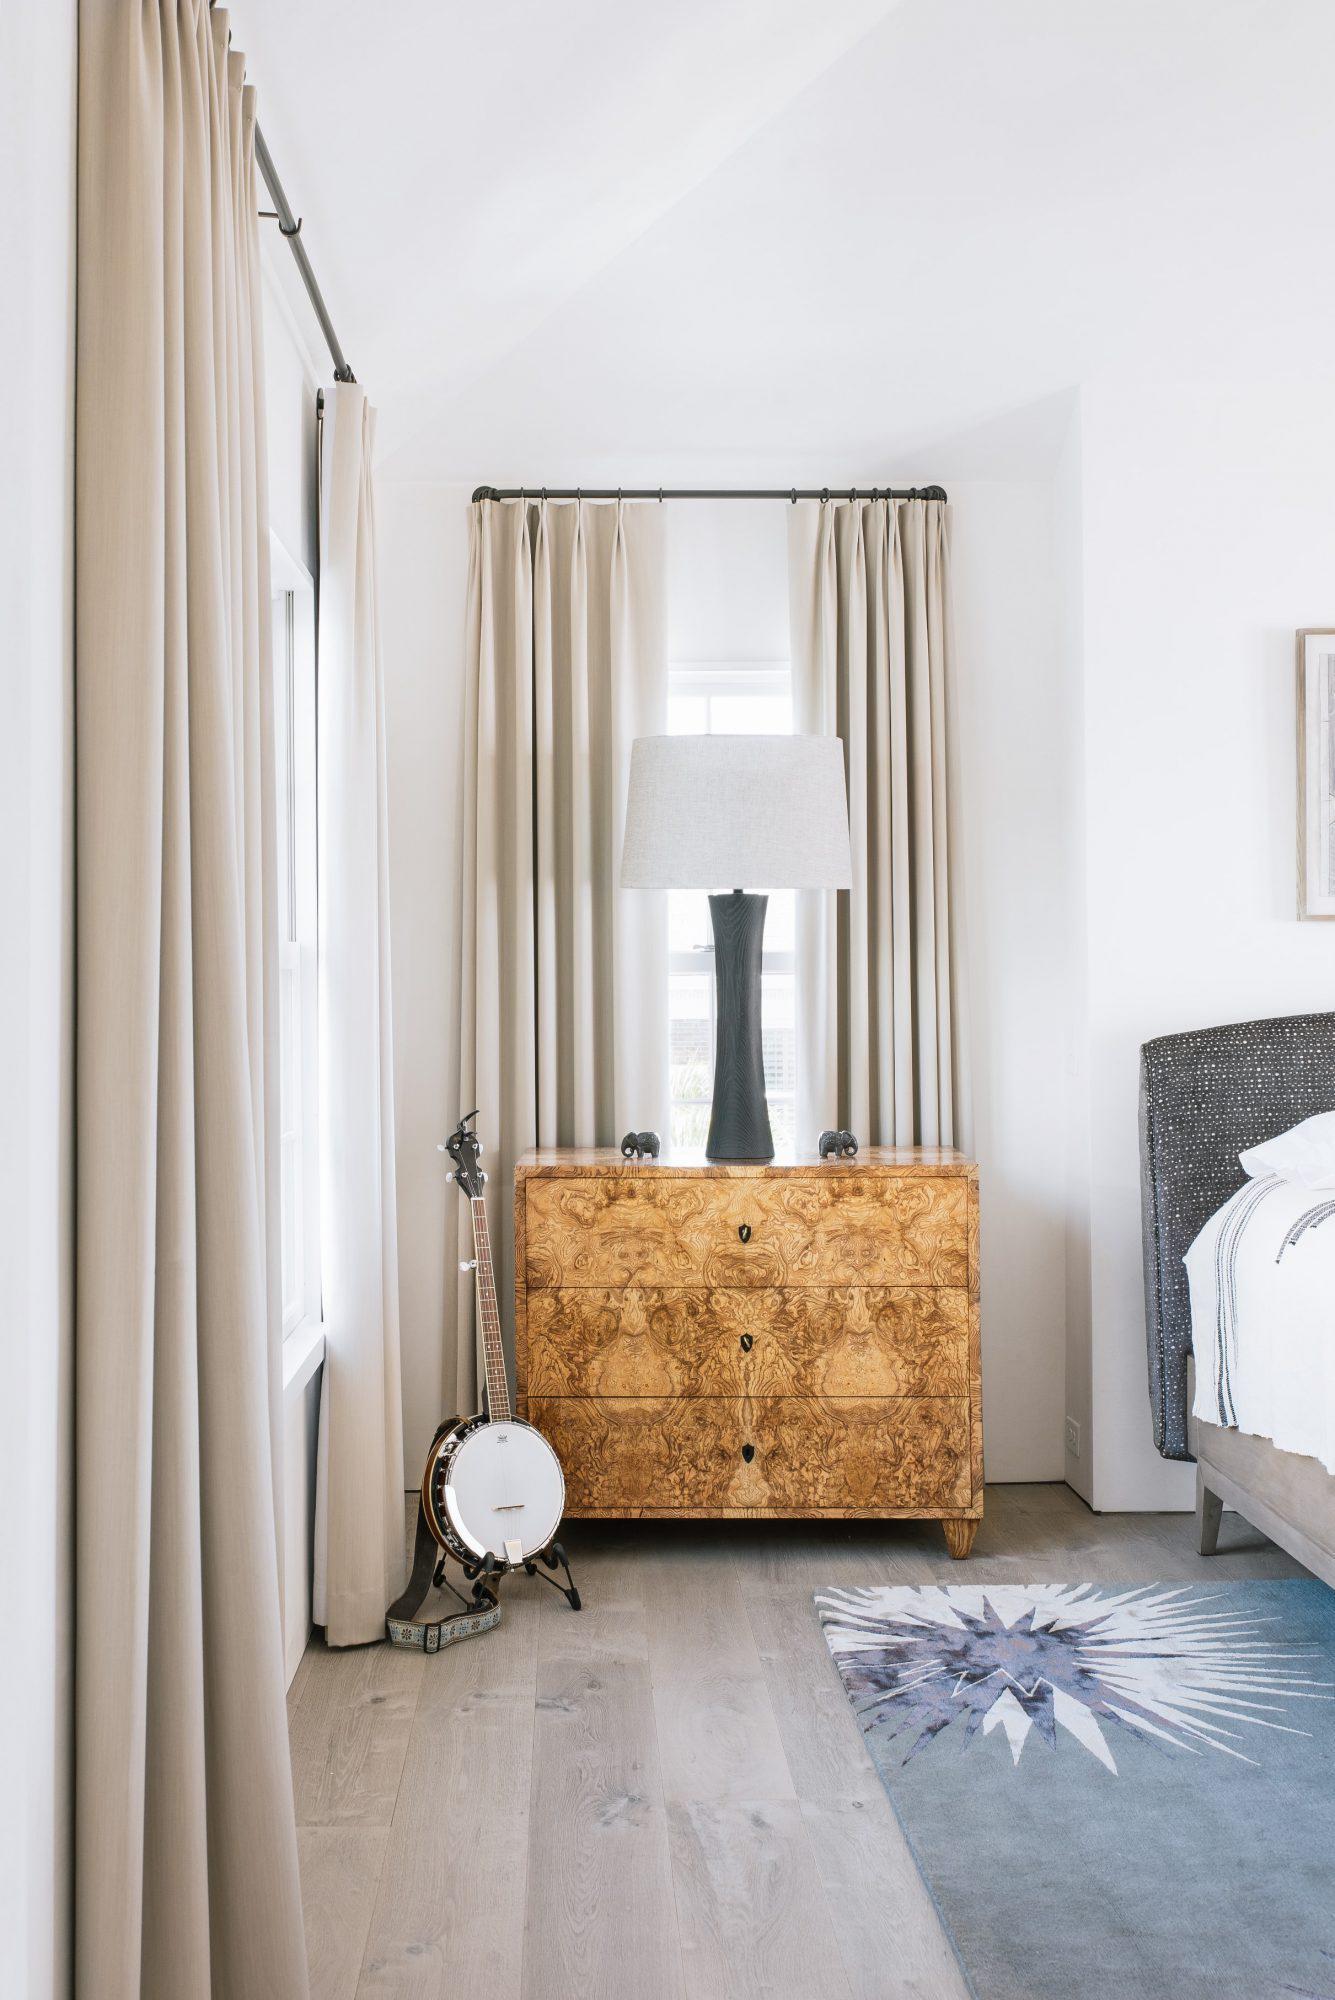 Uptown Downtown Interior Design Charleston, SC, USA – Courtney Bishop